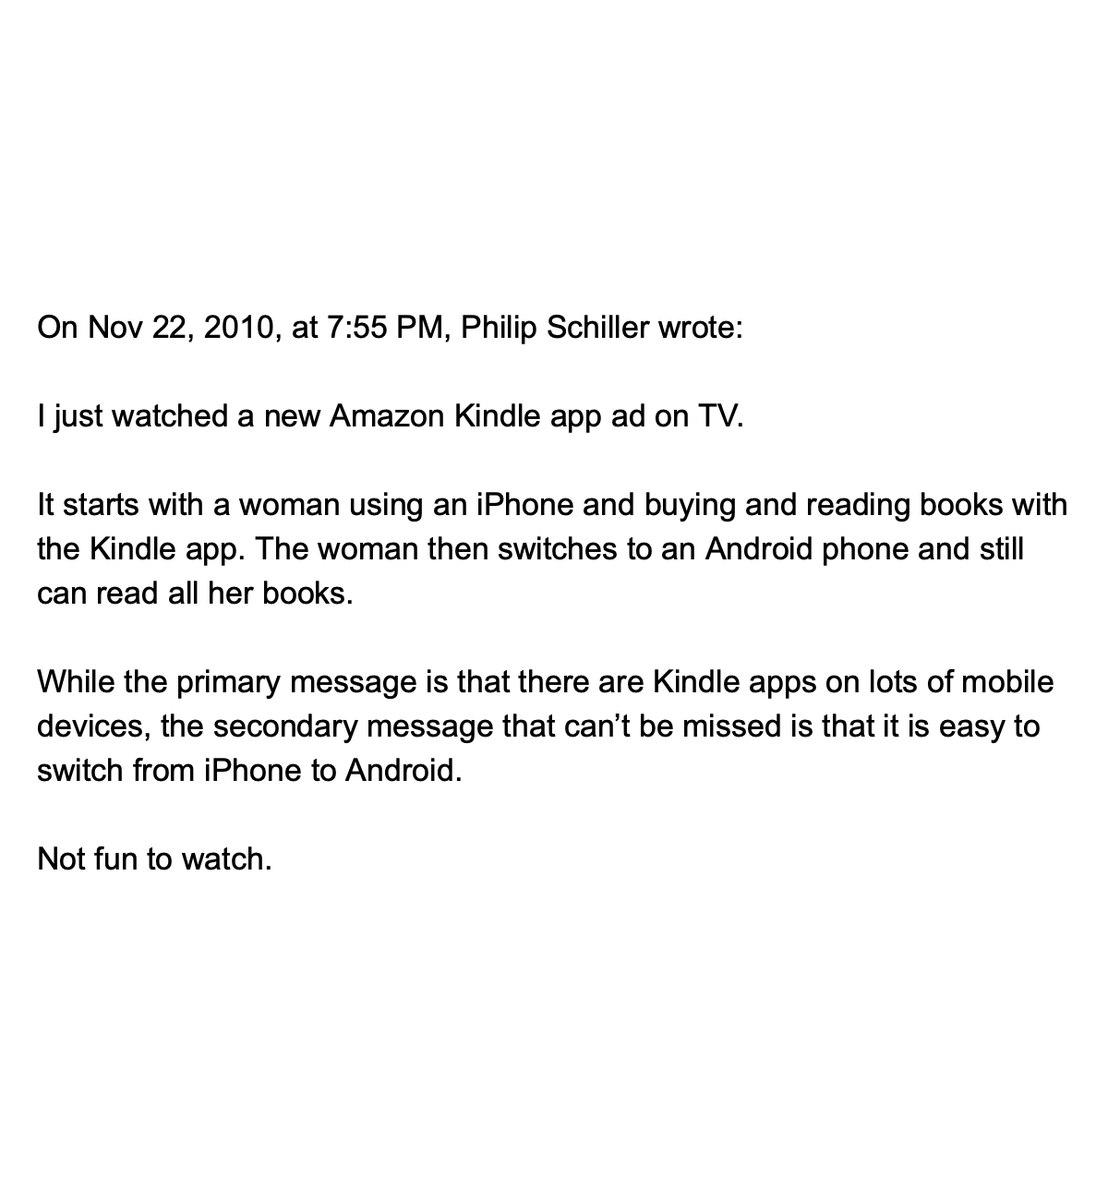 """Переписка Стива Джобса и Фила Шиллера на тему """"давайте заставим Амазон использовать нашу платежную систему"""", датированная 22 ноября 2010го. Появилась, разумется, из антимонопольного дела.Какой же жесткий тип был Джобс, а? twitter.com/TechEmails/status/1438"""